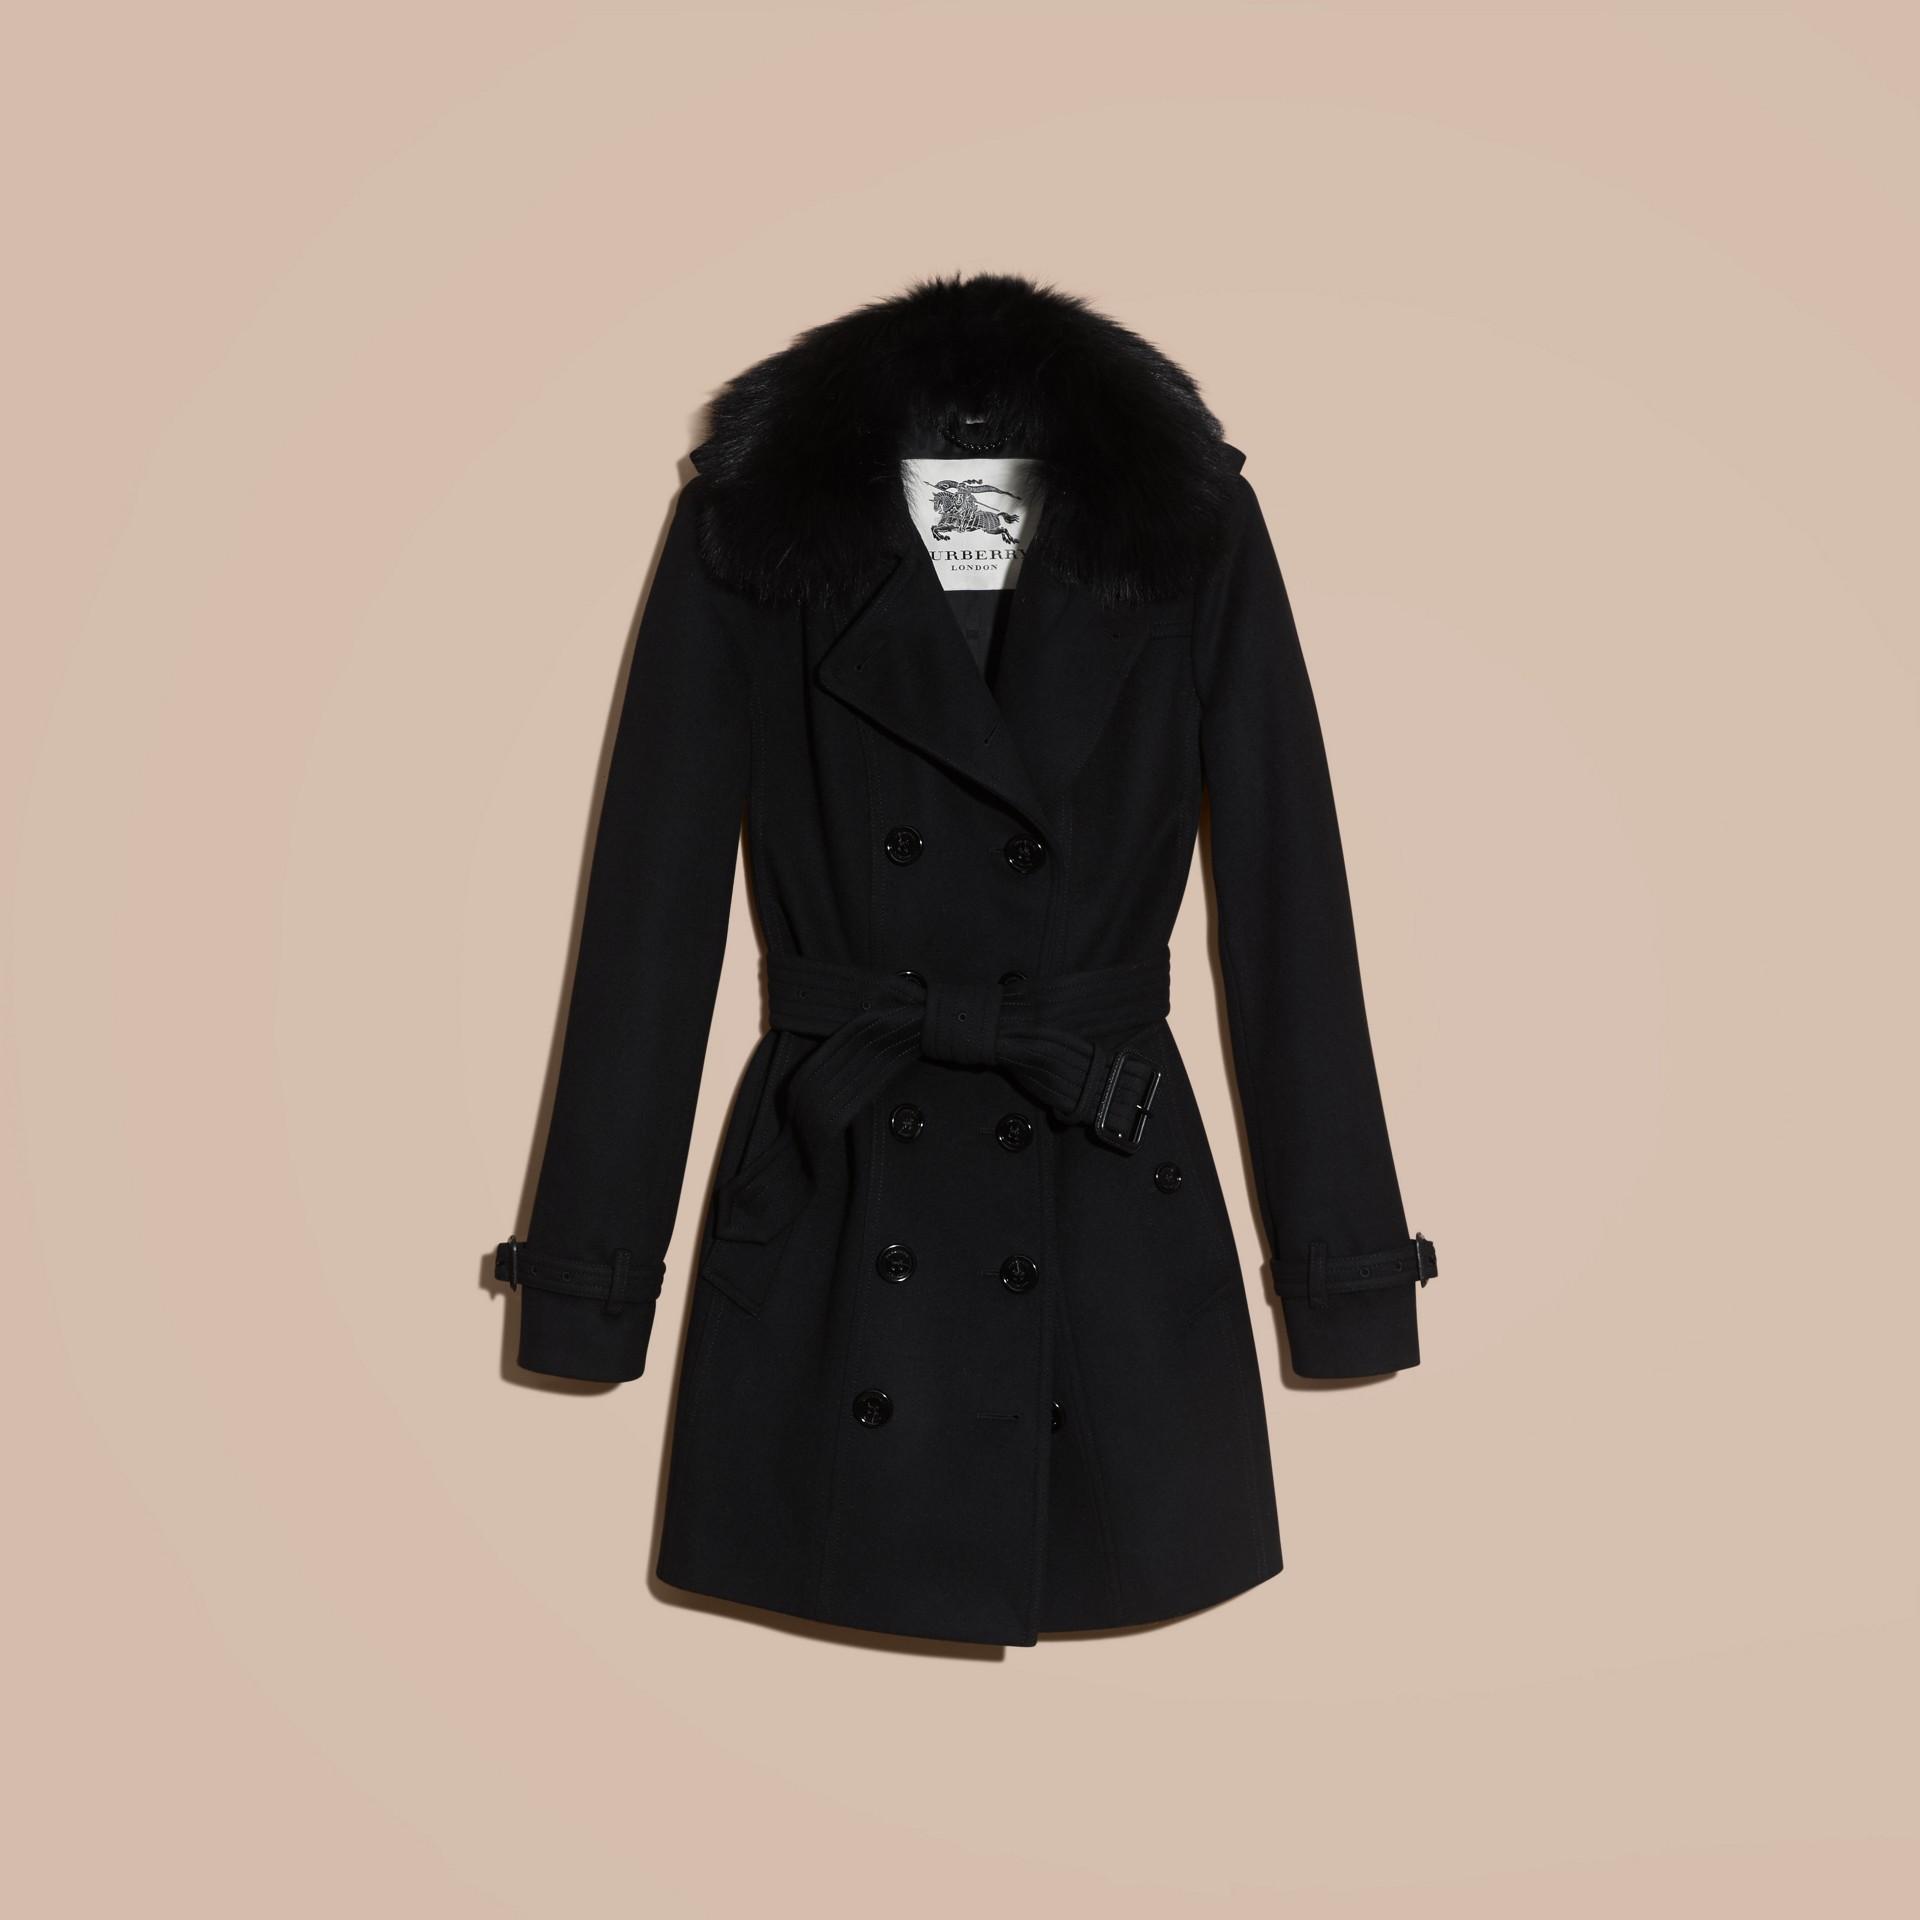 Negro Trench coat en lana y cachemir con cuello en piel de zorro Negro - imagen de la galería 4